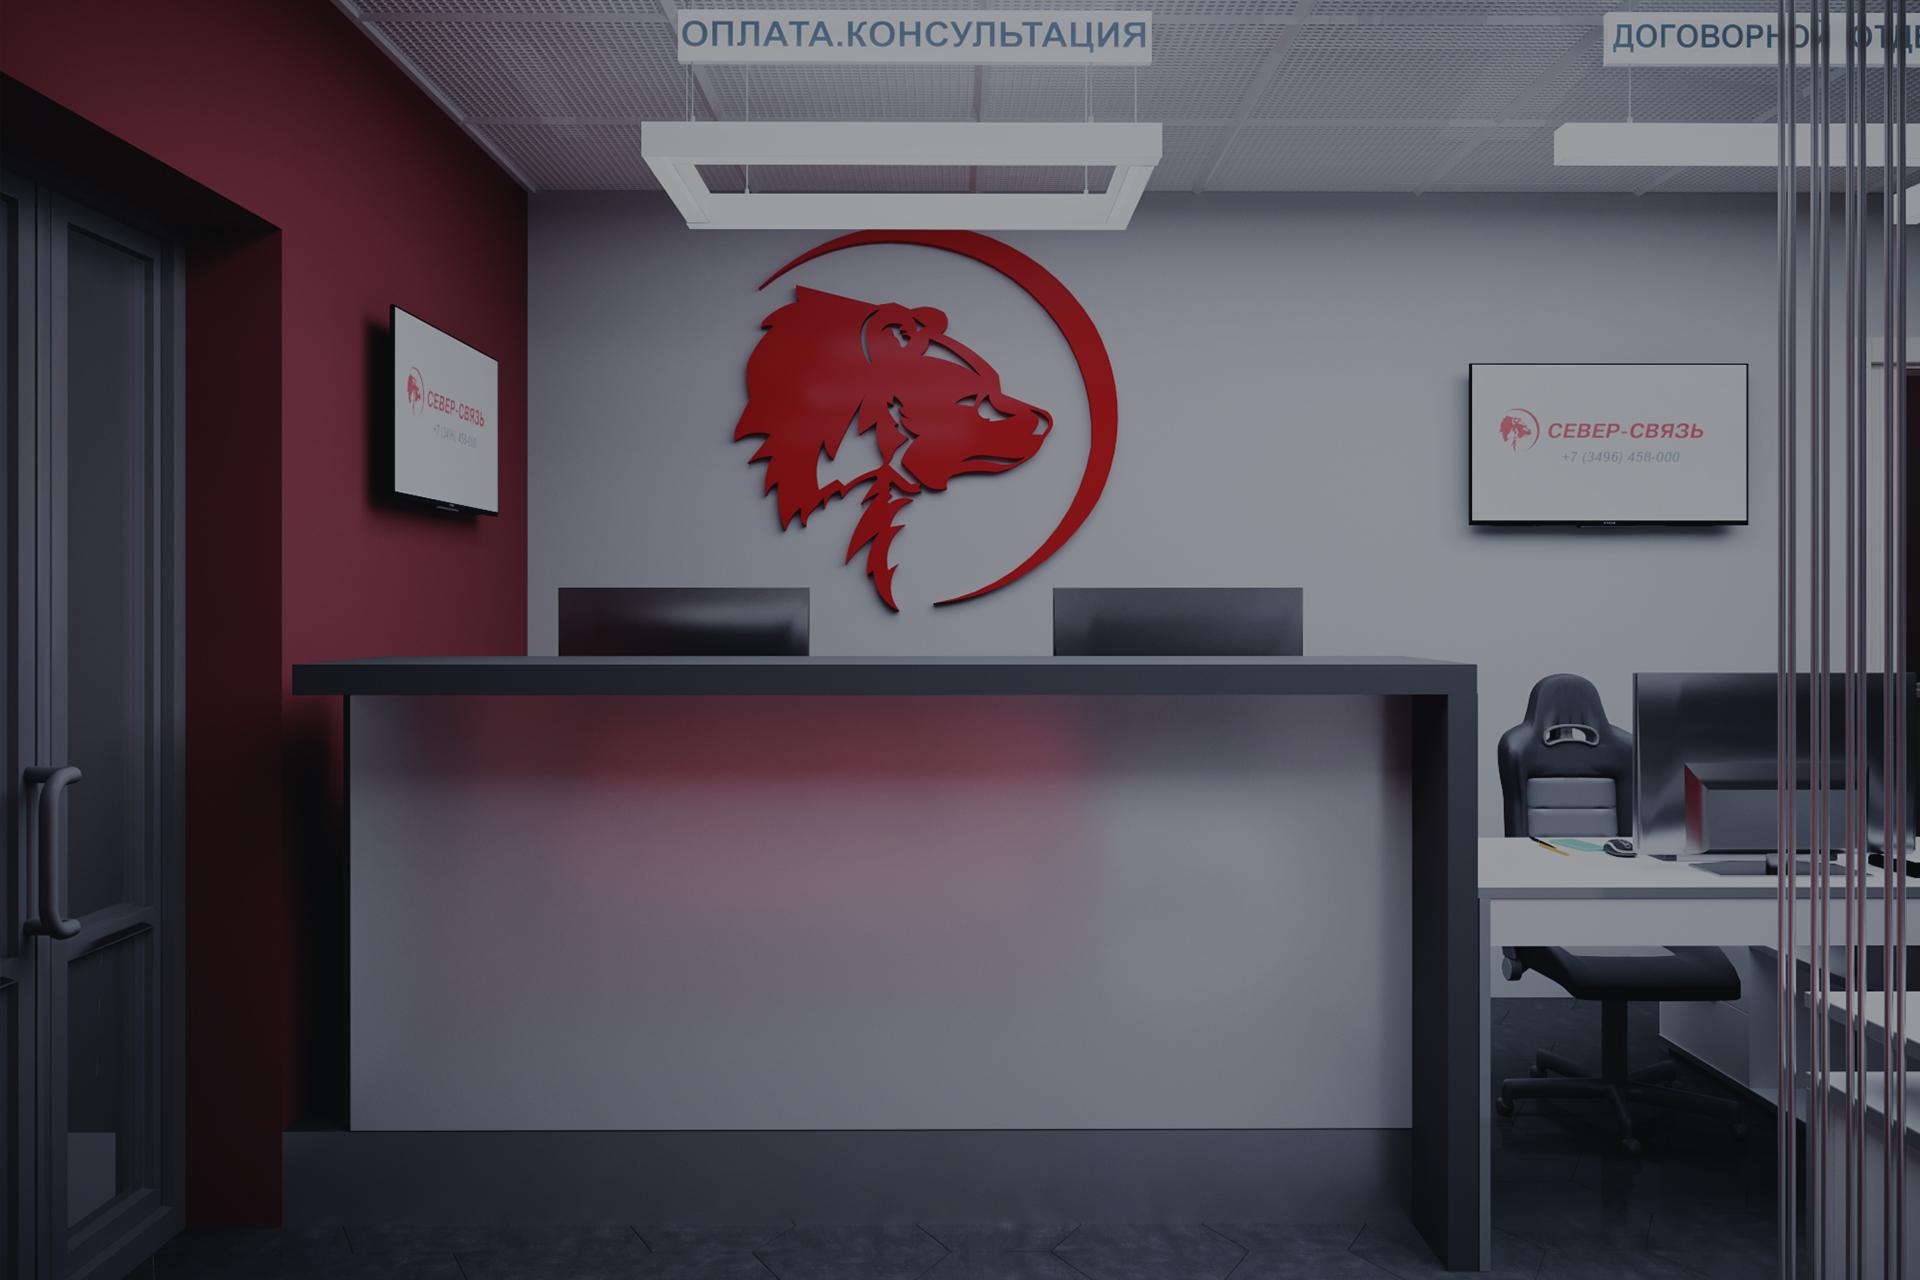 Офис телекоммуникационной компании Север-Связь